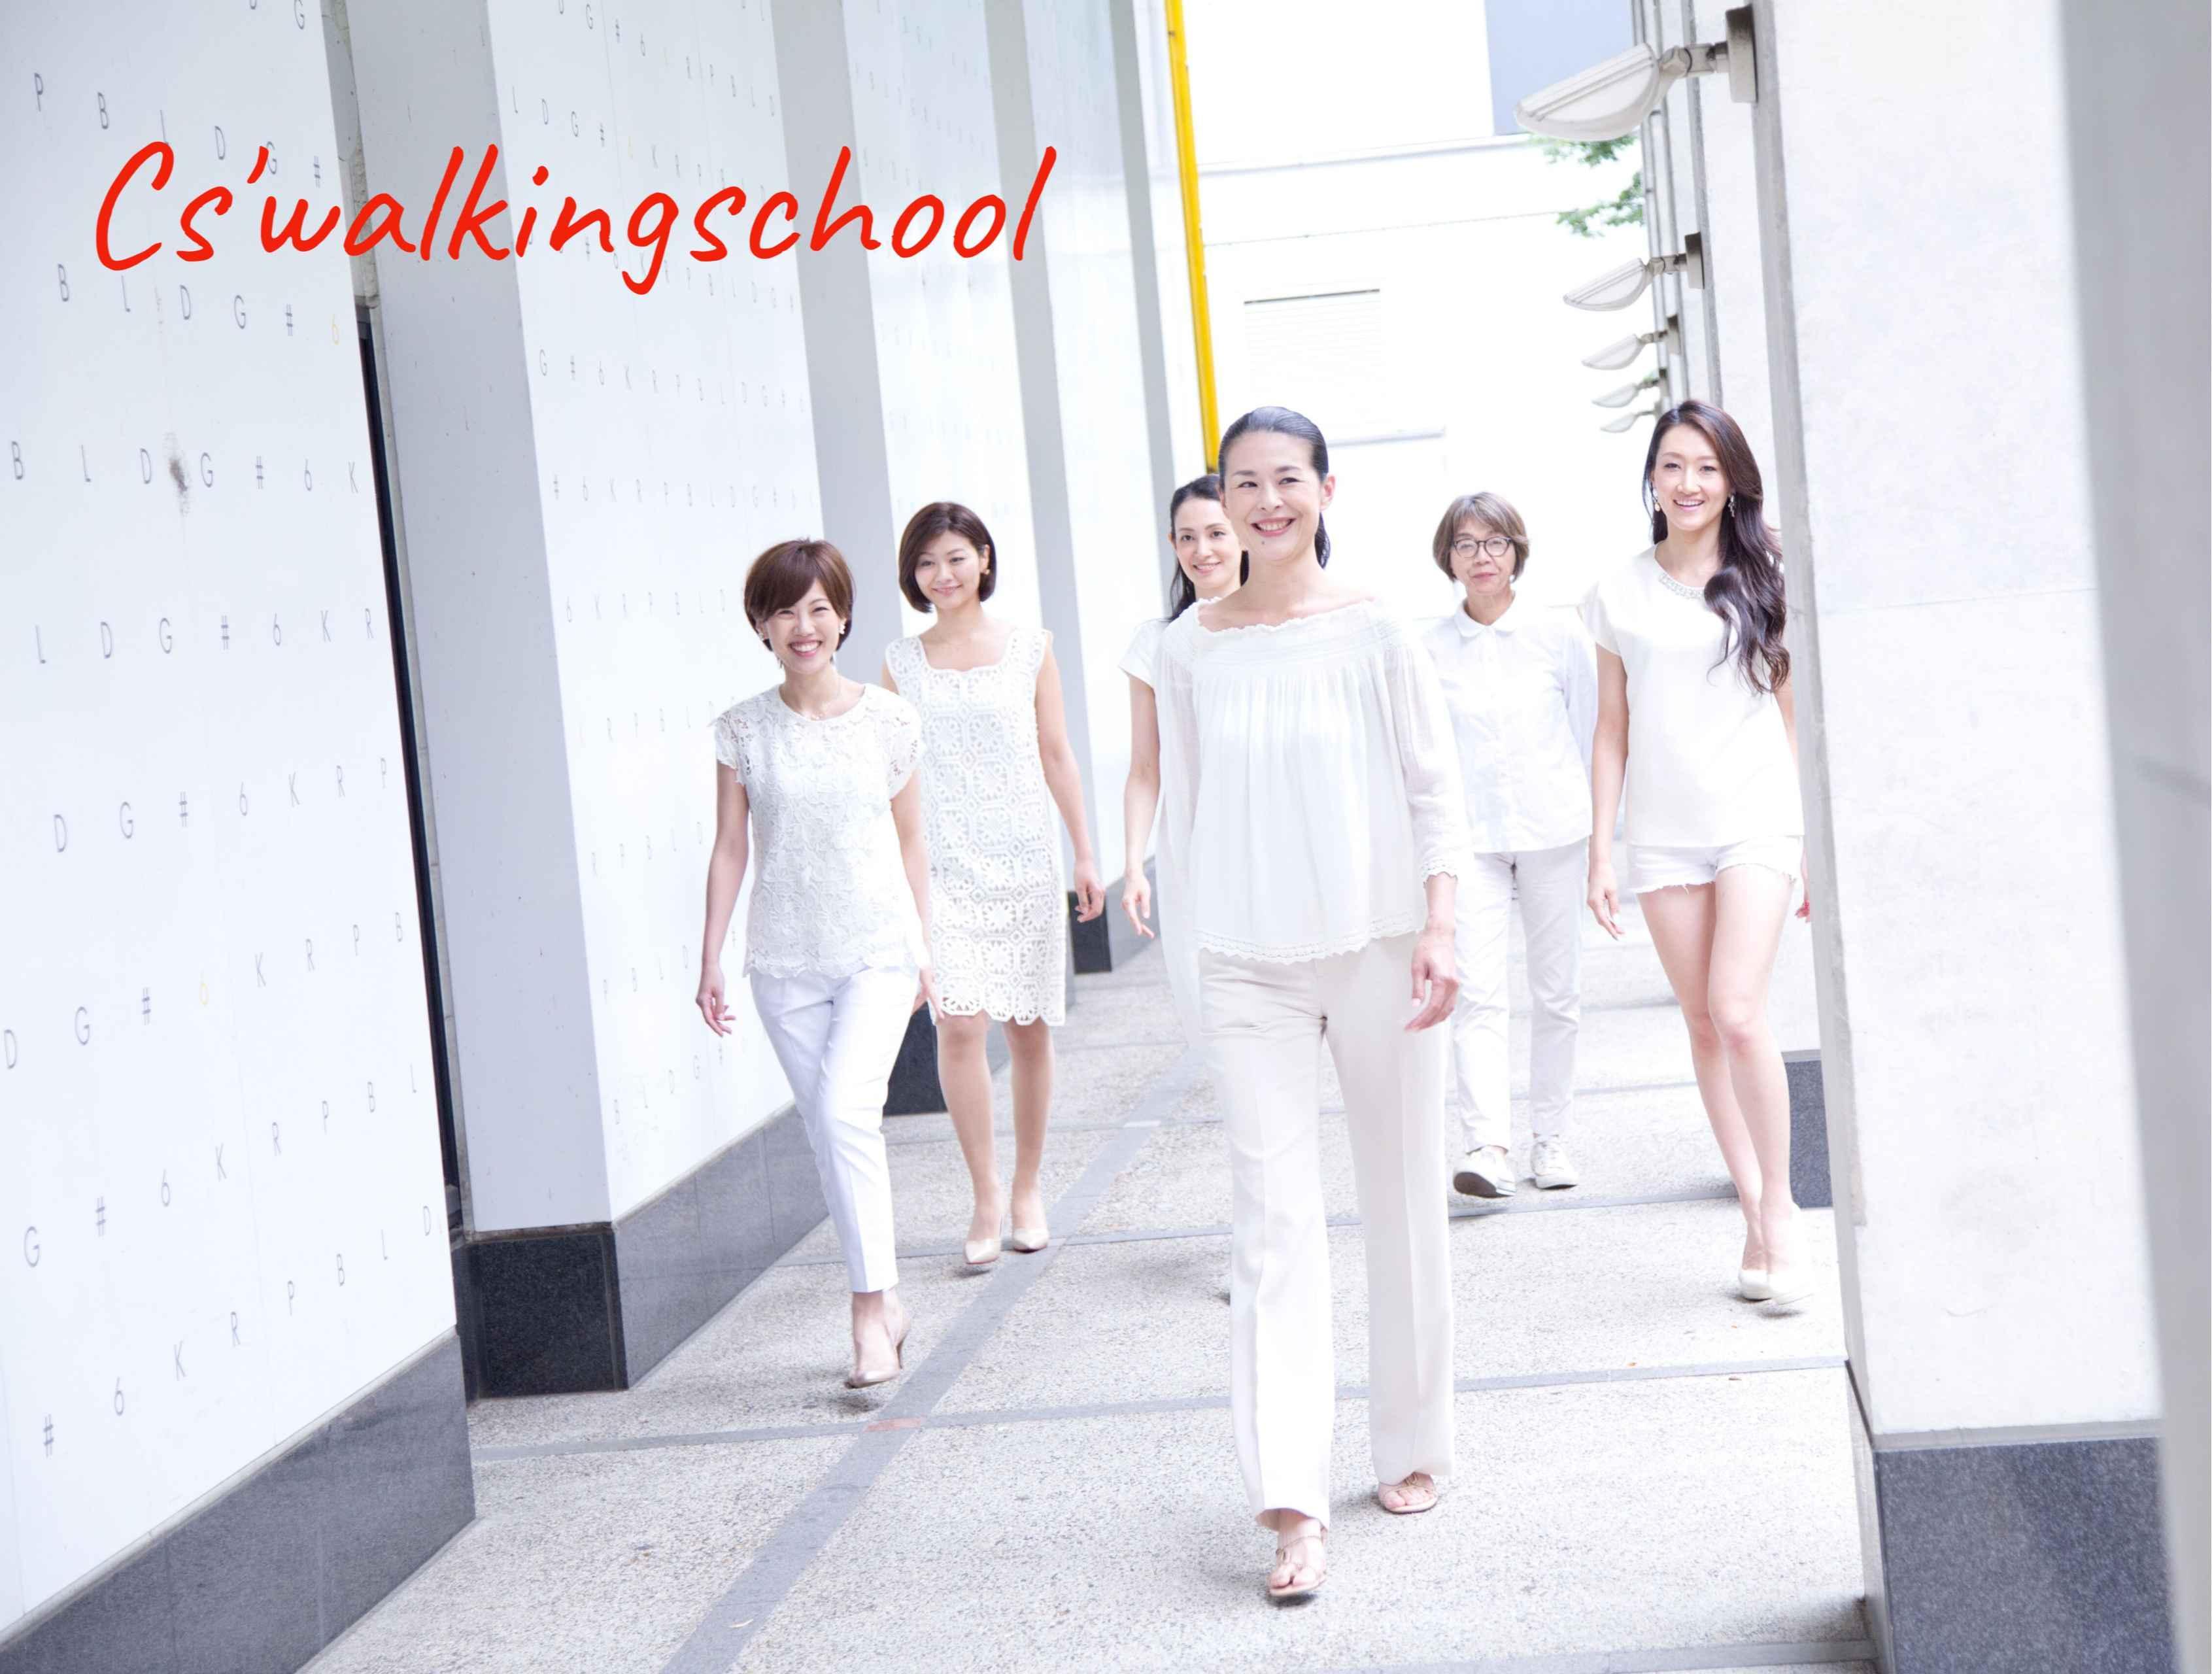 シーズウォーキングスクール大阪本町校